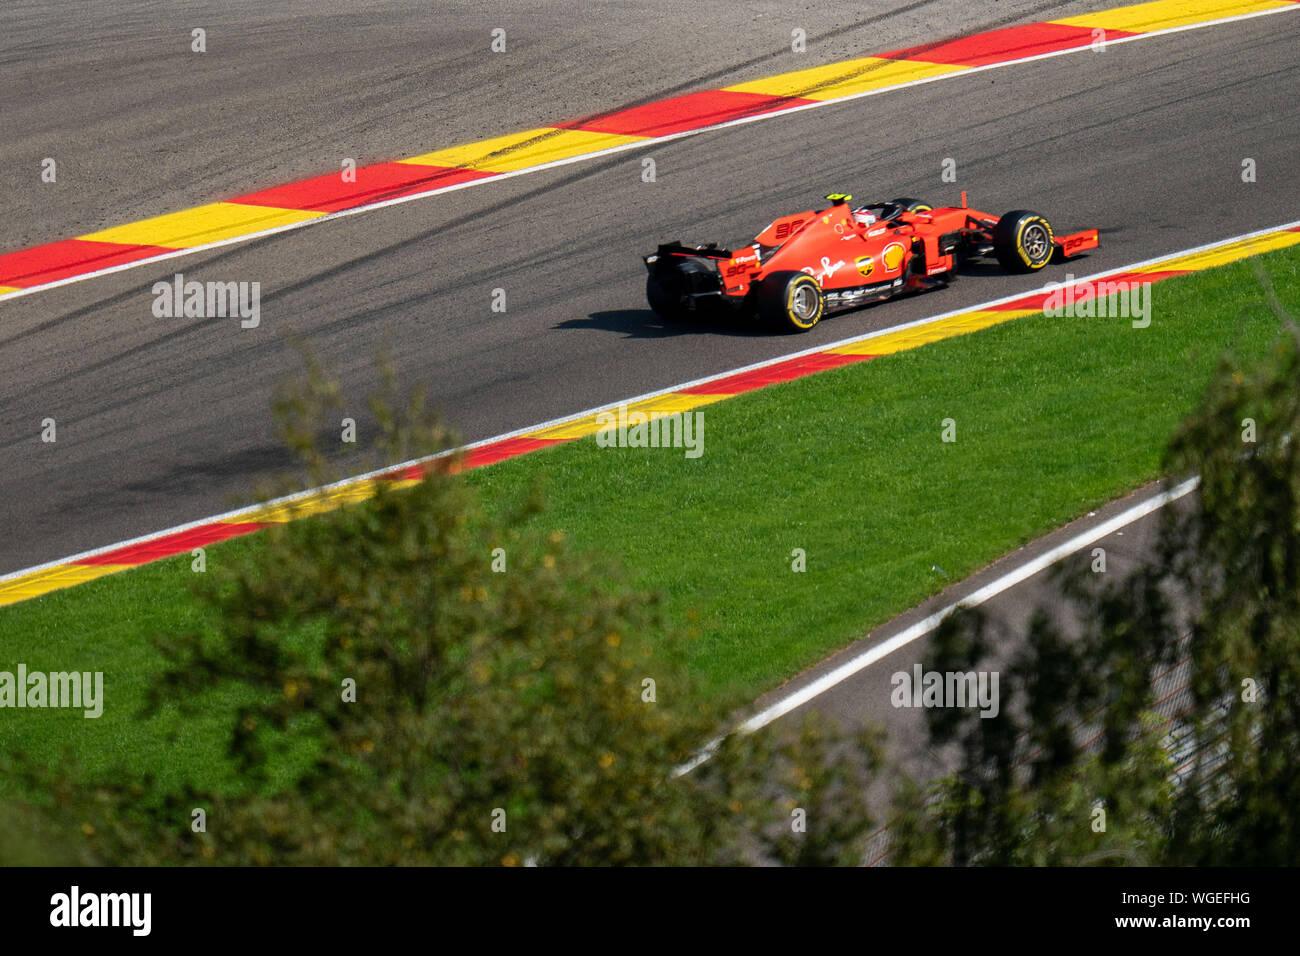 Credit Pro Auto >> Spa Belgium 01st Sep 2019 Spa Fia Formula 1 Grand Prix